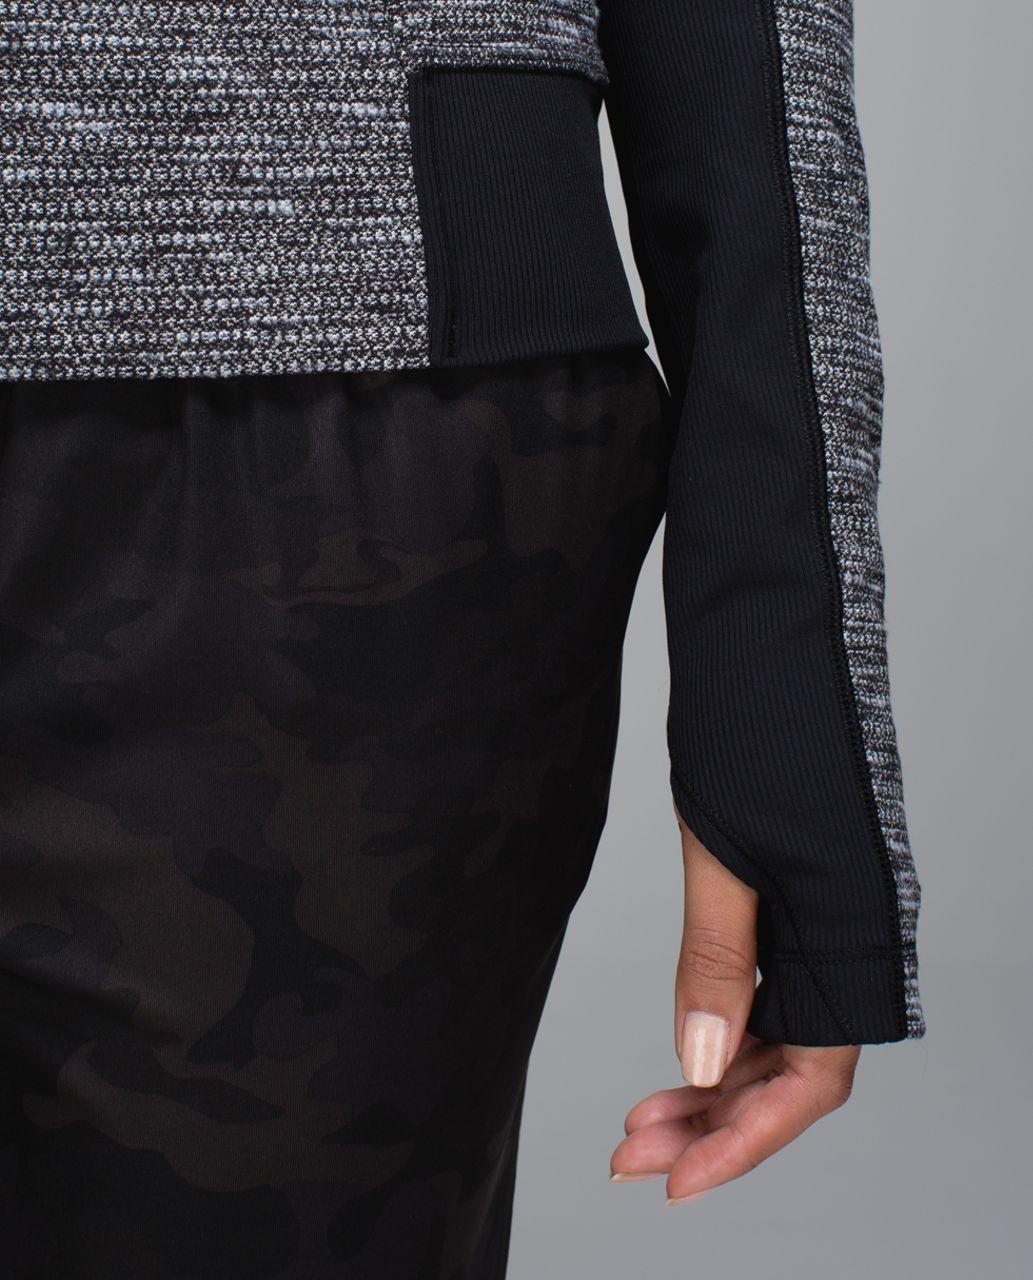 Lululemon Bhakti Yoga Jacket - Coco Pique Black / Black